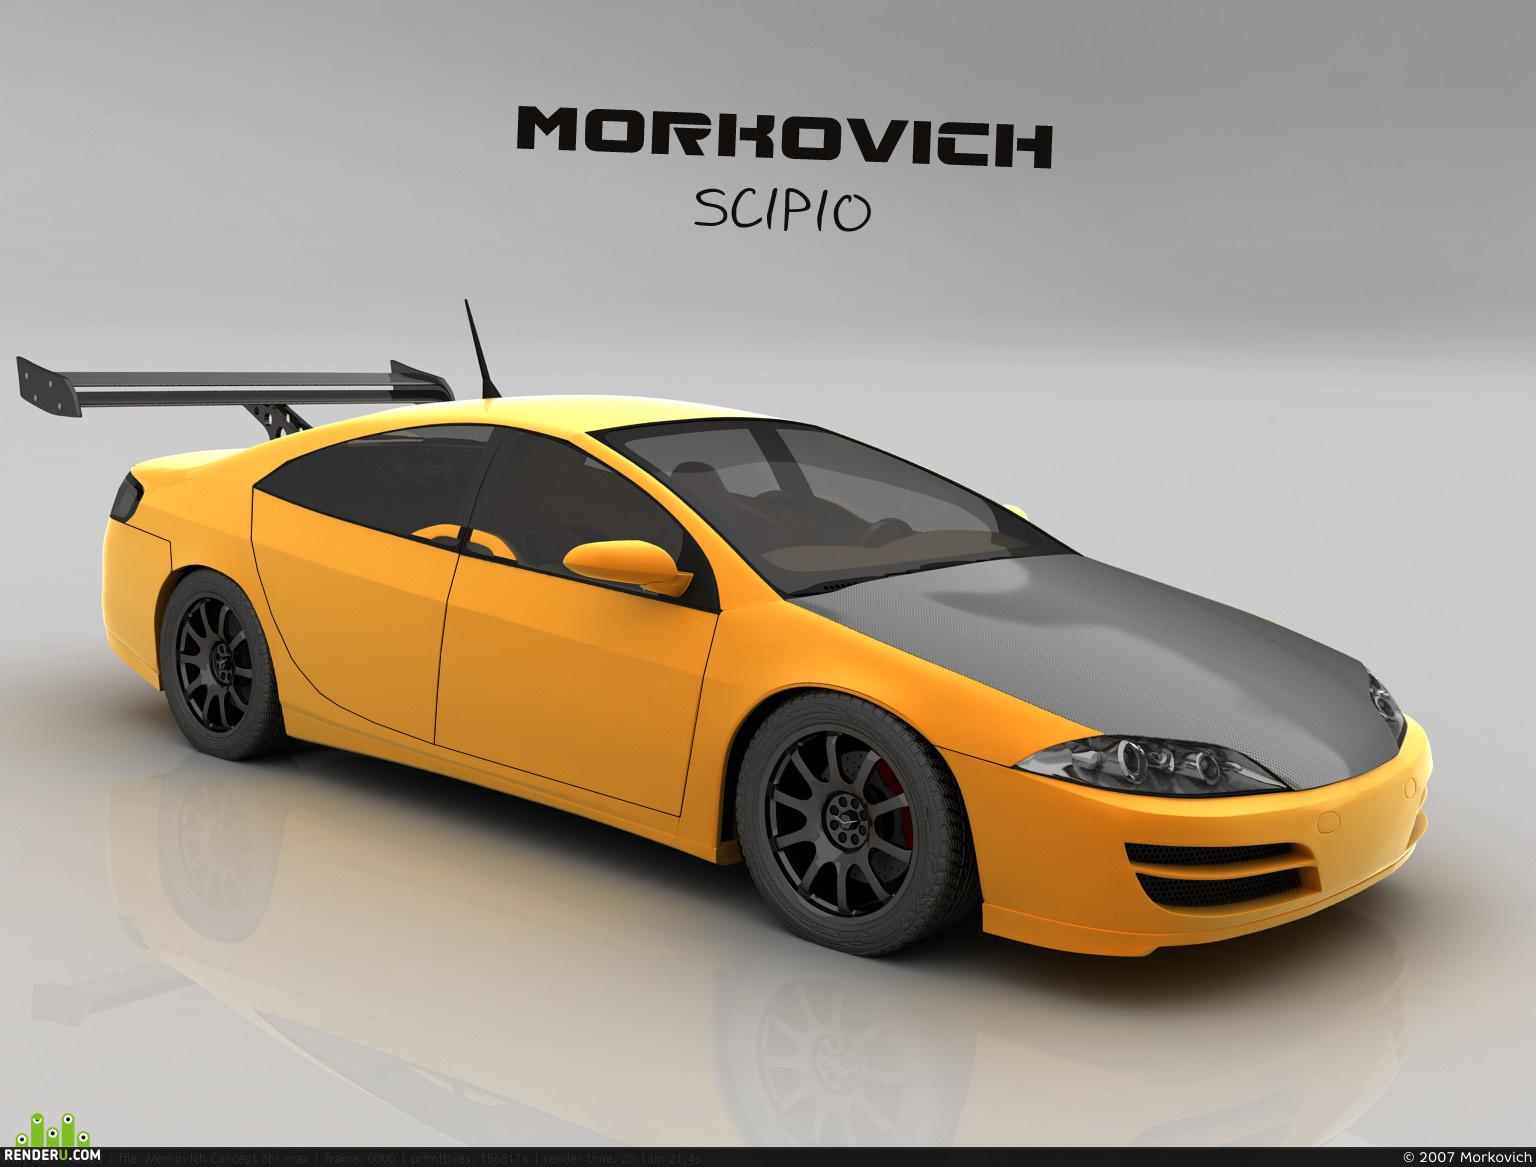 preview Morkovich Scipio